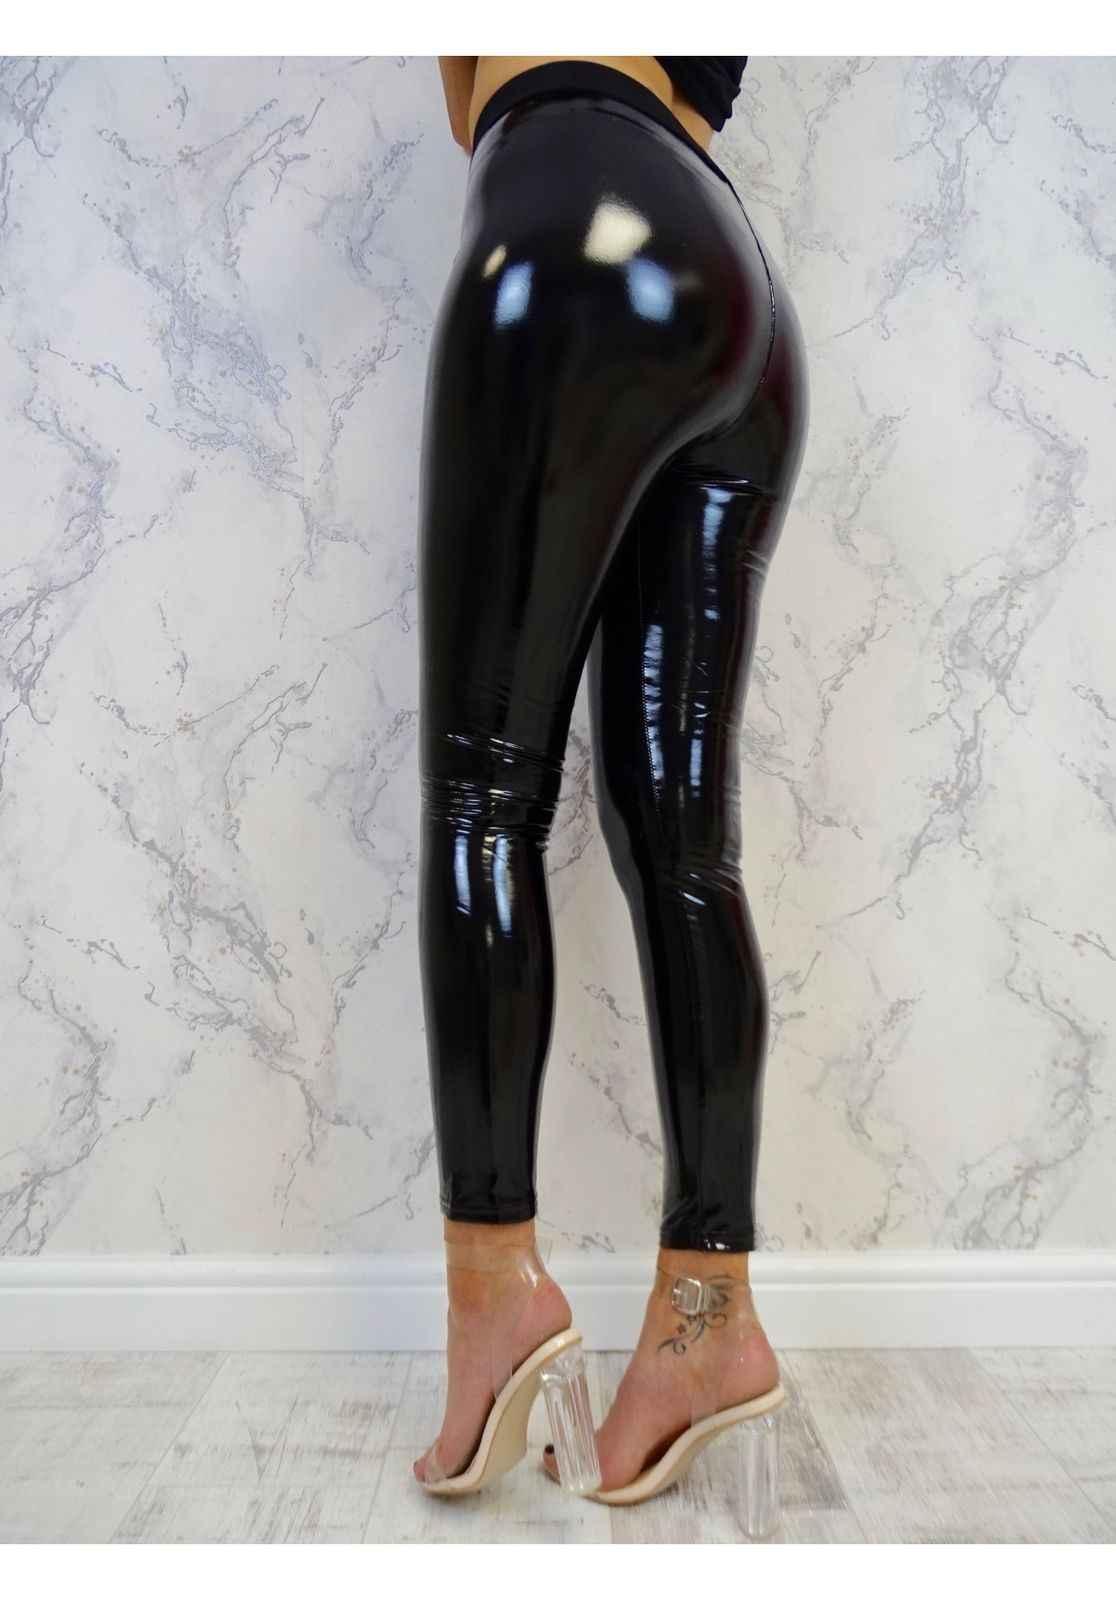 2018แบรนด์ใหม่ผู้หญิงเซ็กซี่สีดำกางเกงสลิมซอฟท์StrethcyเงาเปียกดูหนังFauxแฟชั่นเลกกิ้งPU Leggings